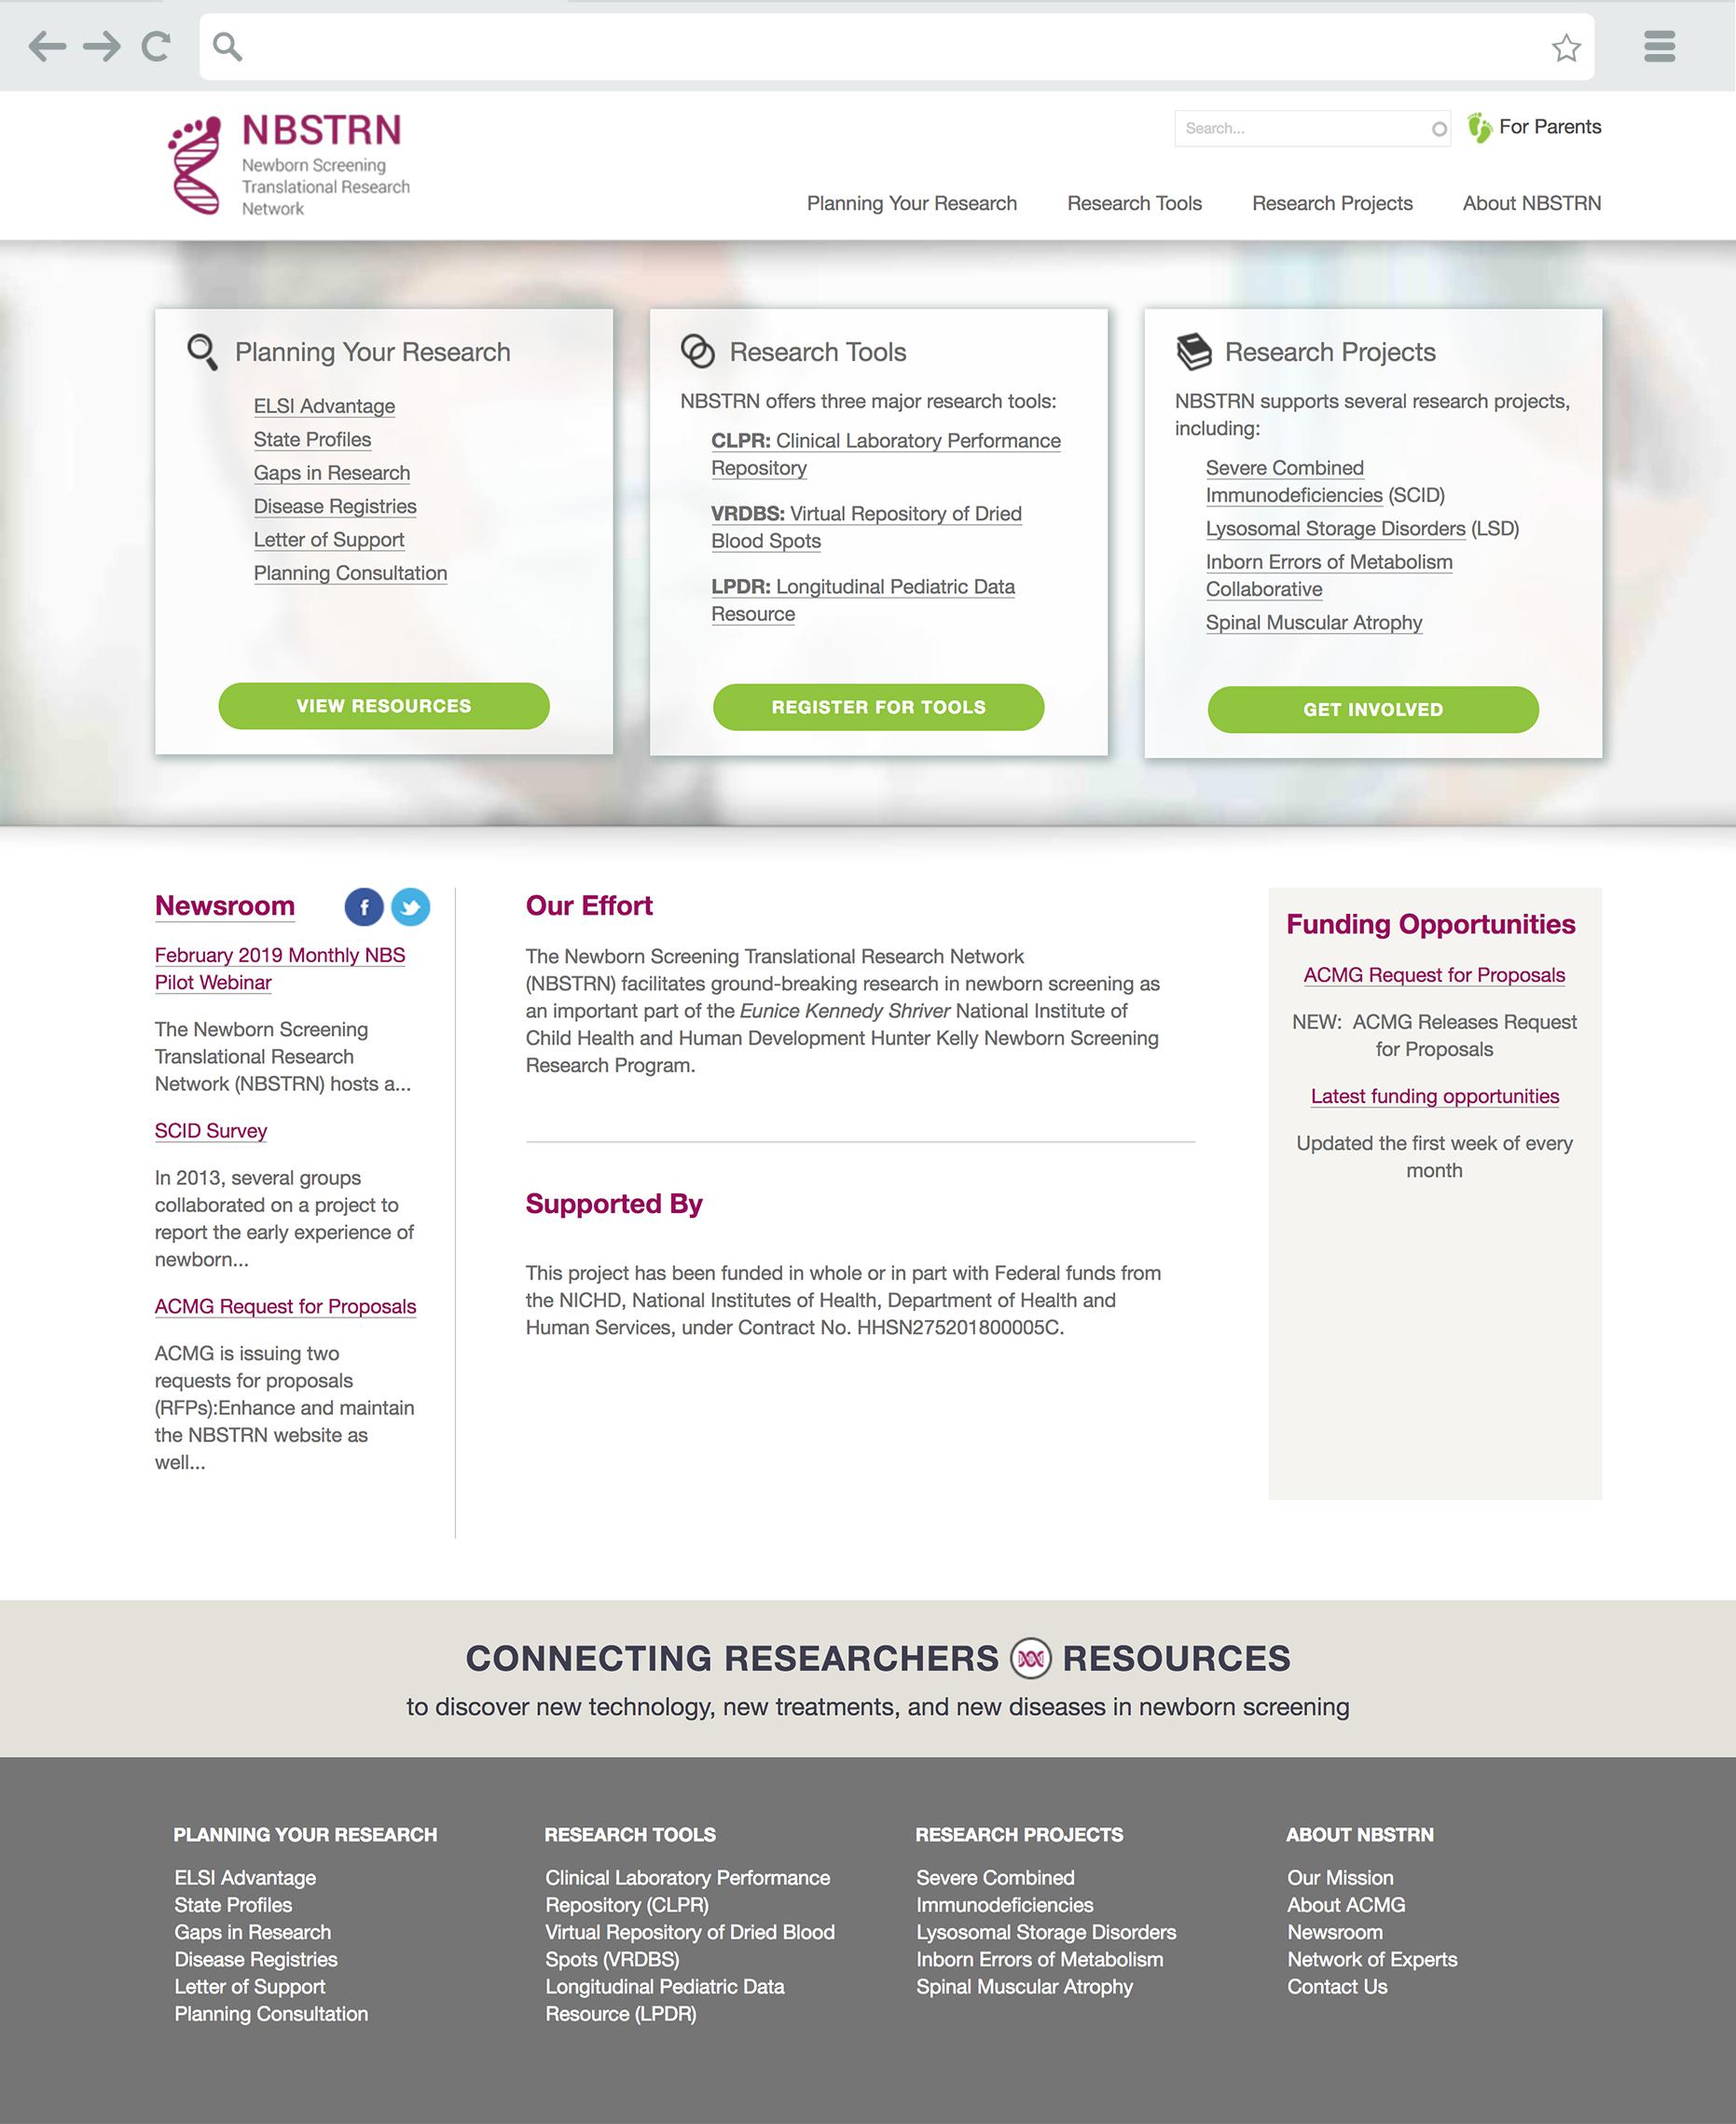 NBSTRN Landing Page